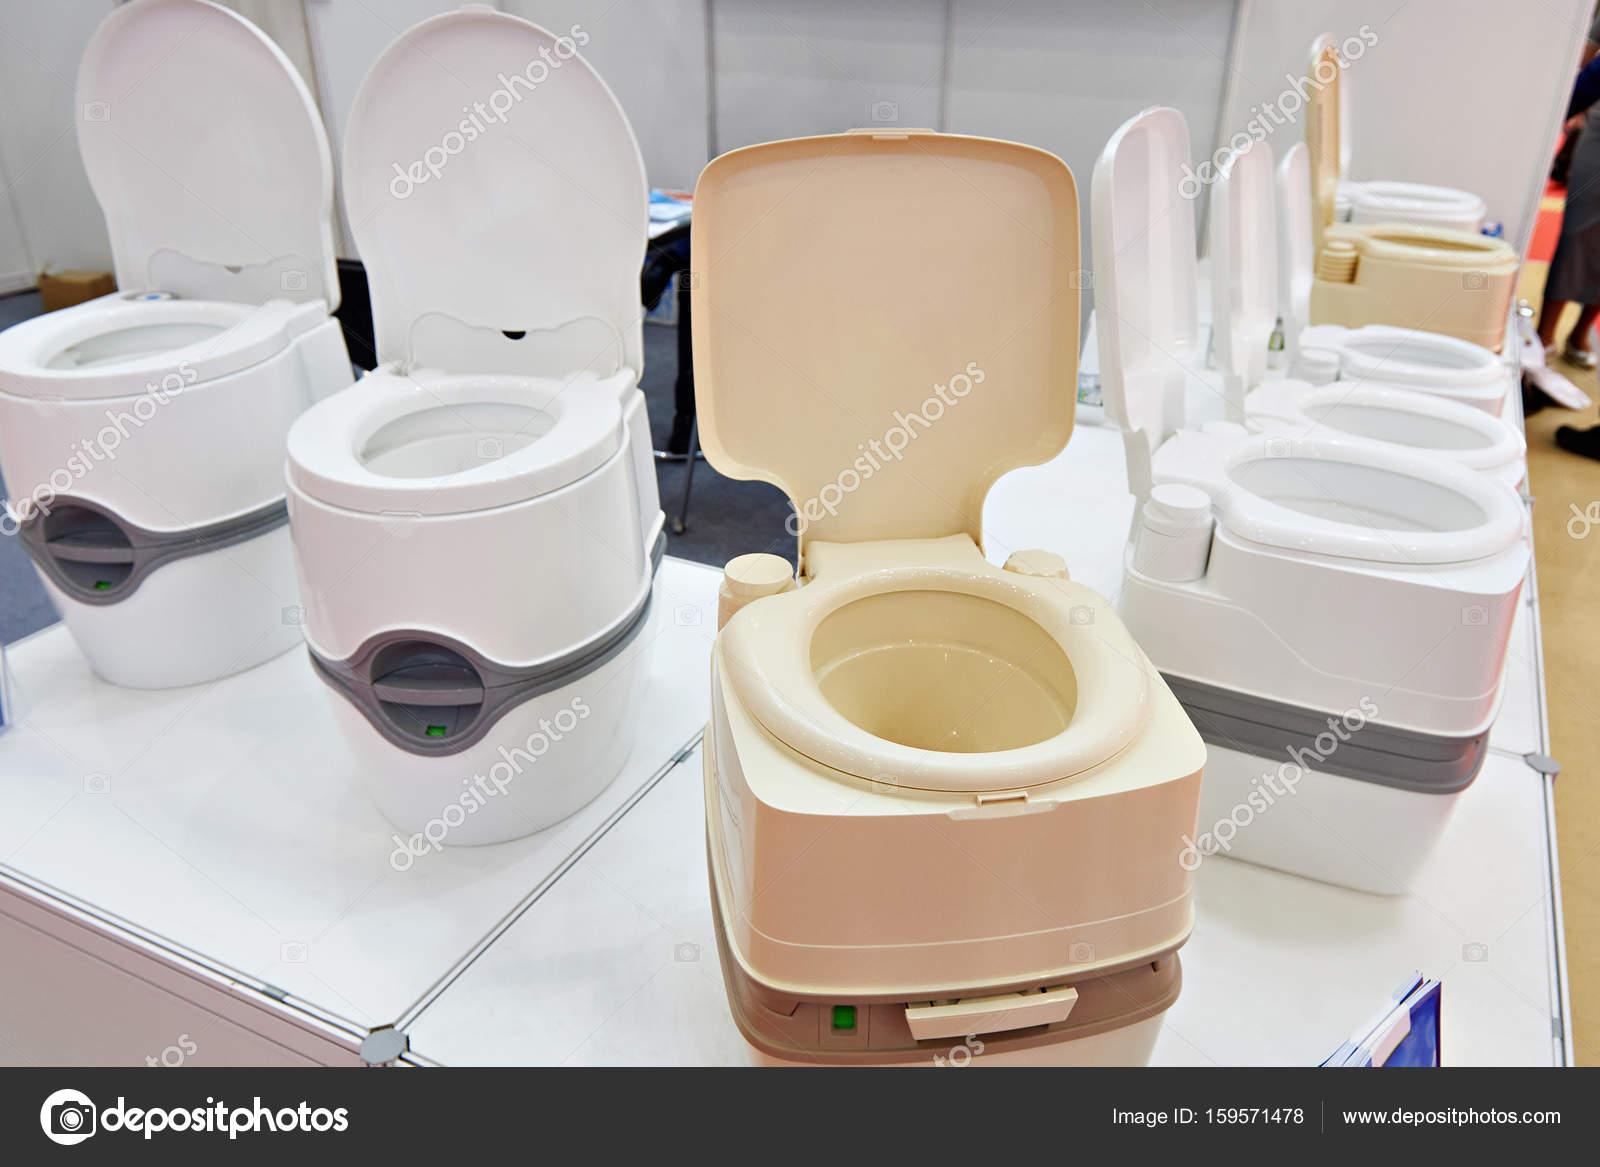 Chemische toiletten im shop auf ausstellung u2014 stockfoto © ryzhov